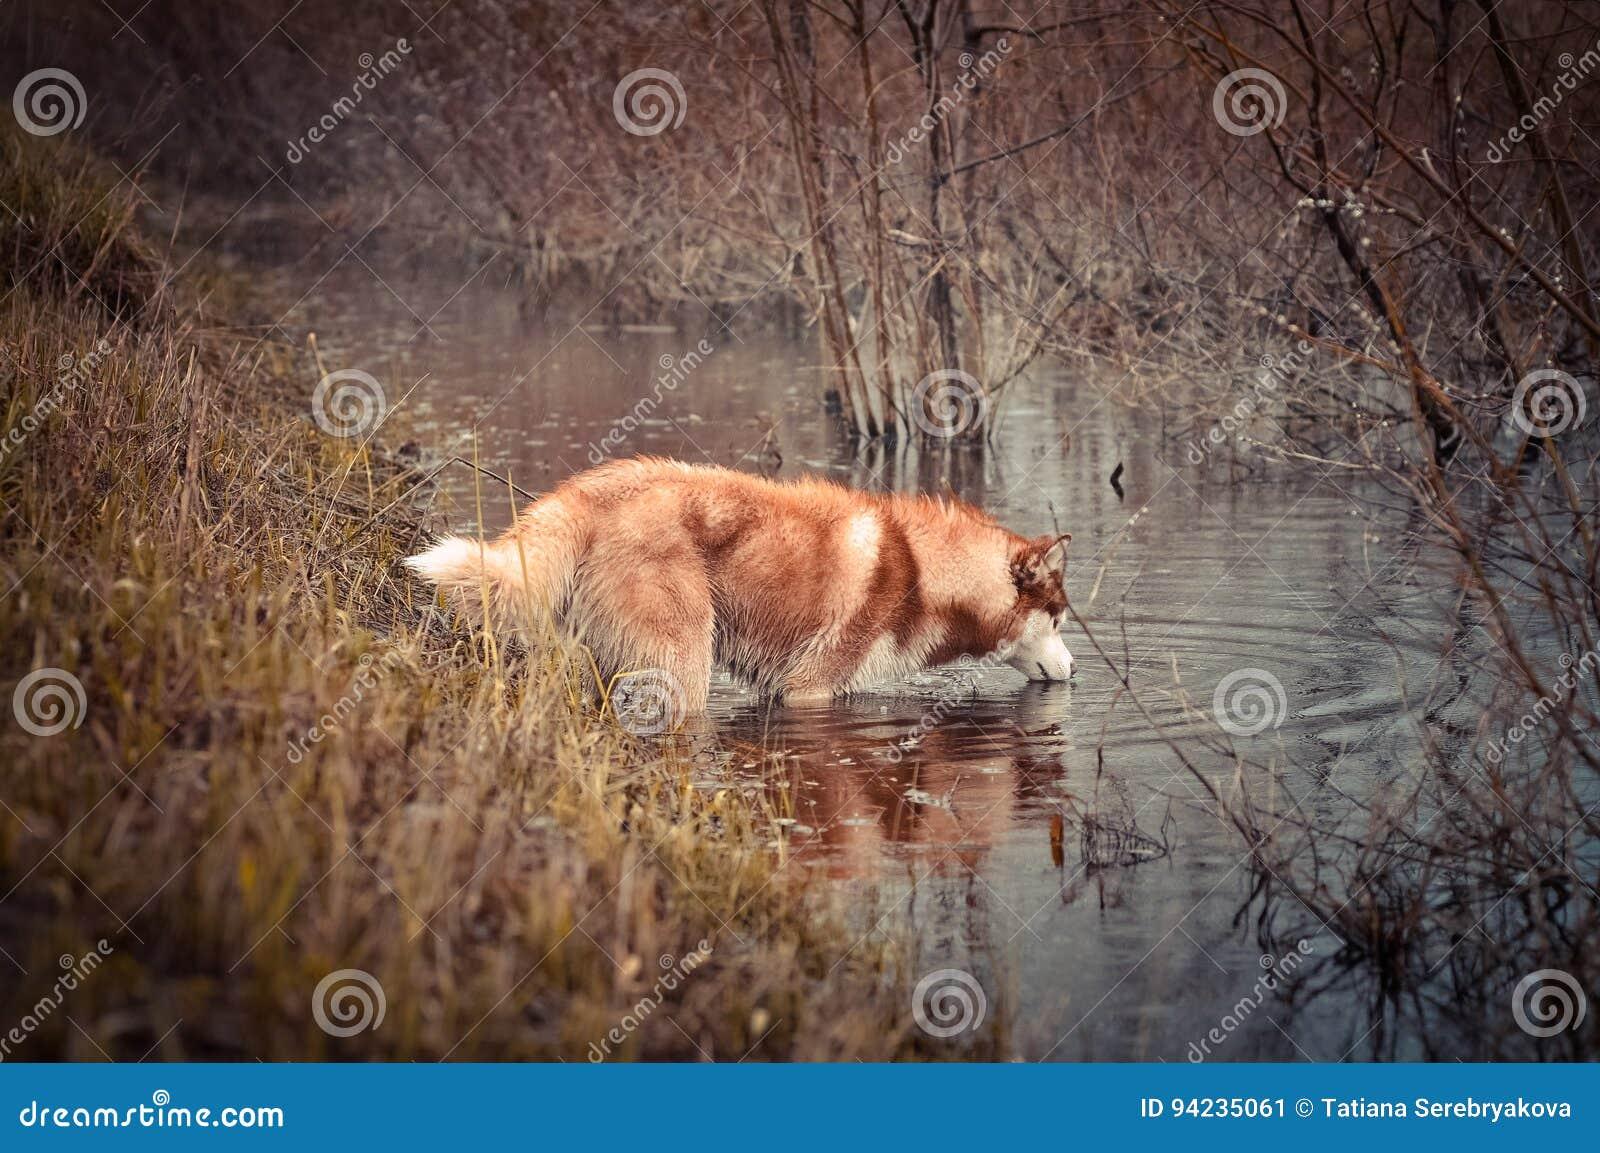 Rode Siberische schor honddranken van de beek in de lenteweide